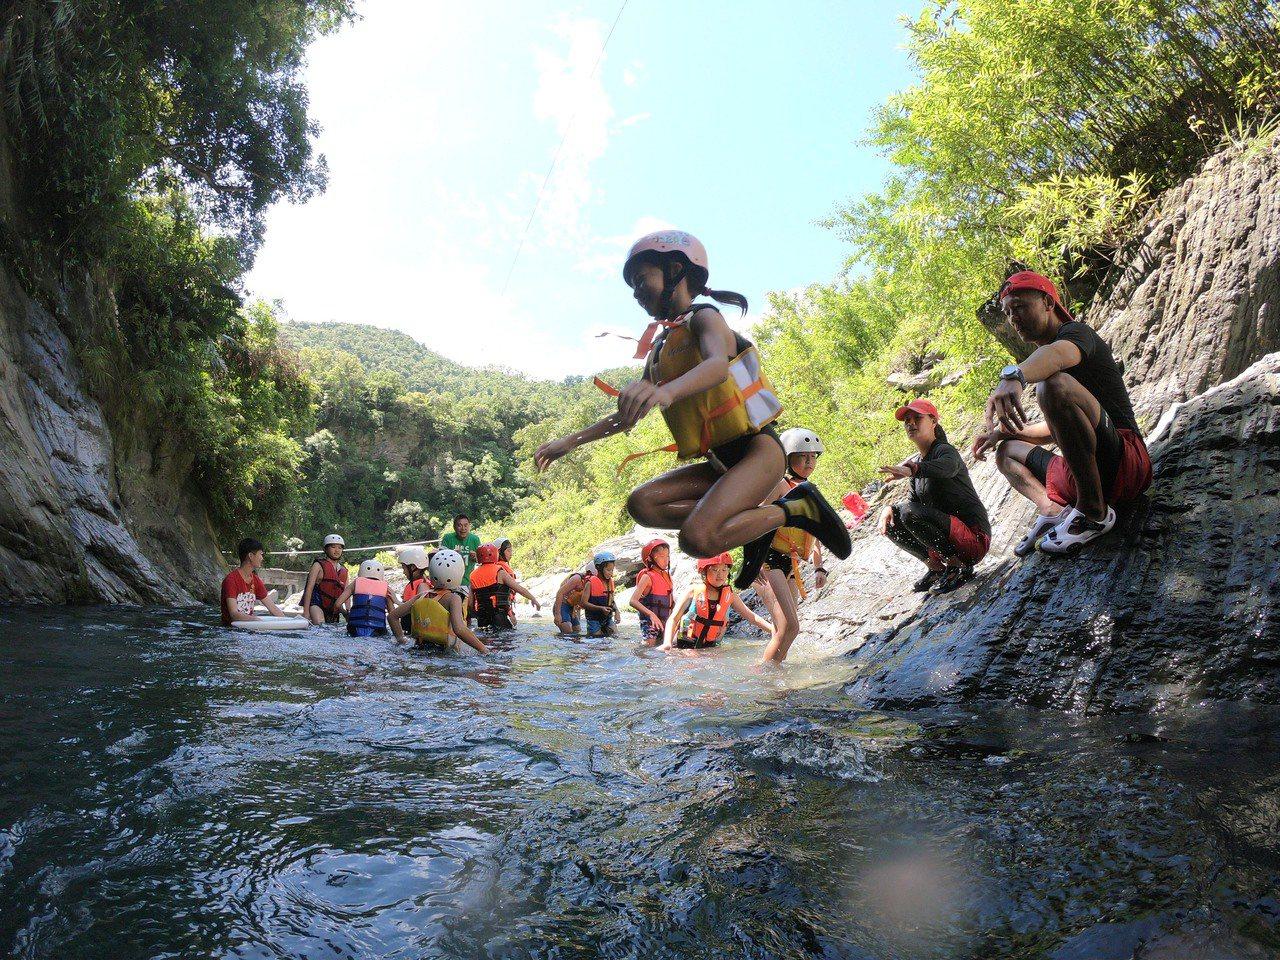 知本老爺推出小頭目夏季活動營。圖/知本老爺酒店提供